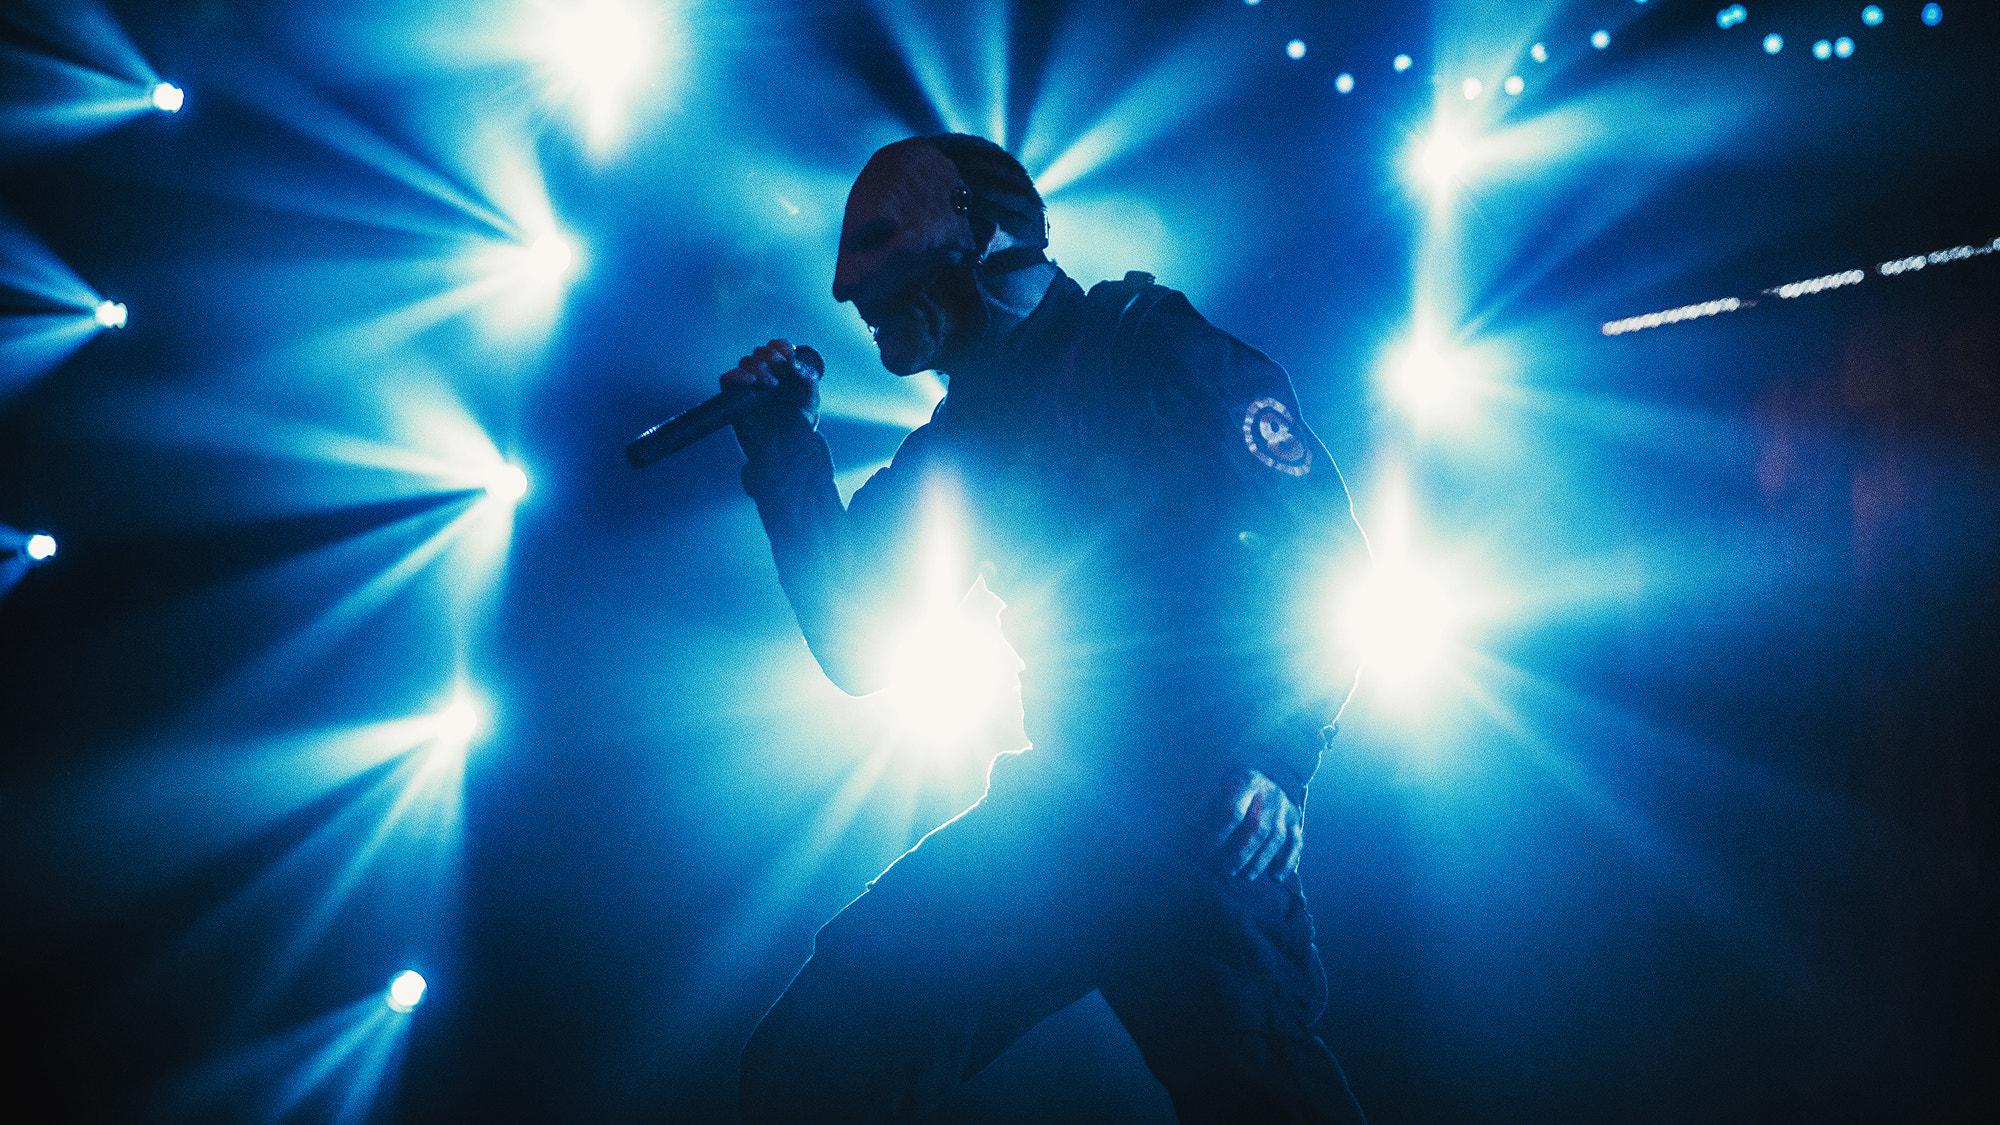 Wallpaper Concerts Musician Singer Silhouette Slipknot